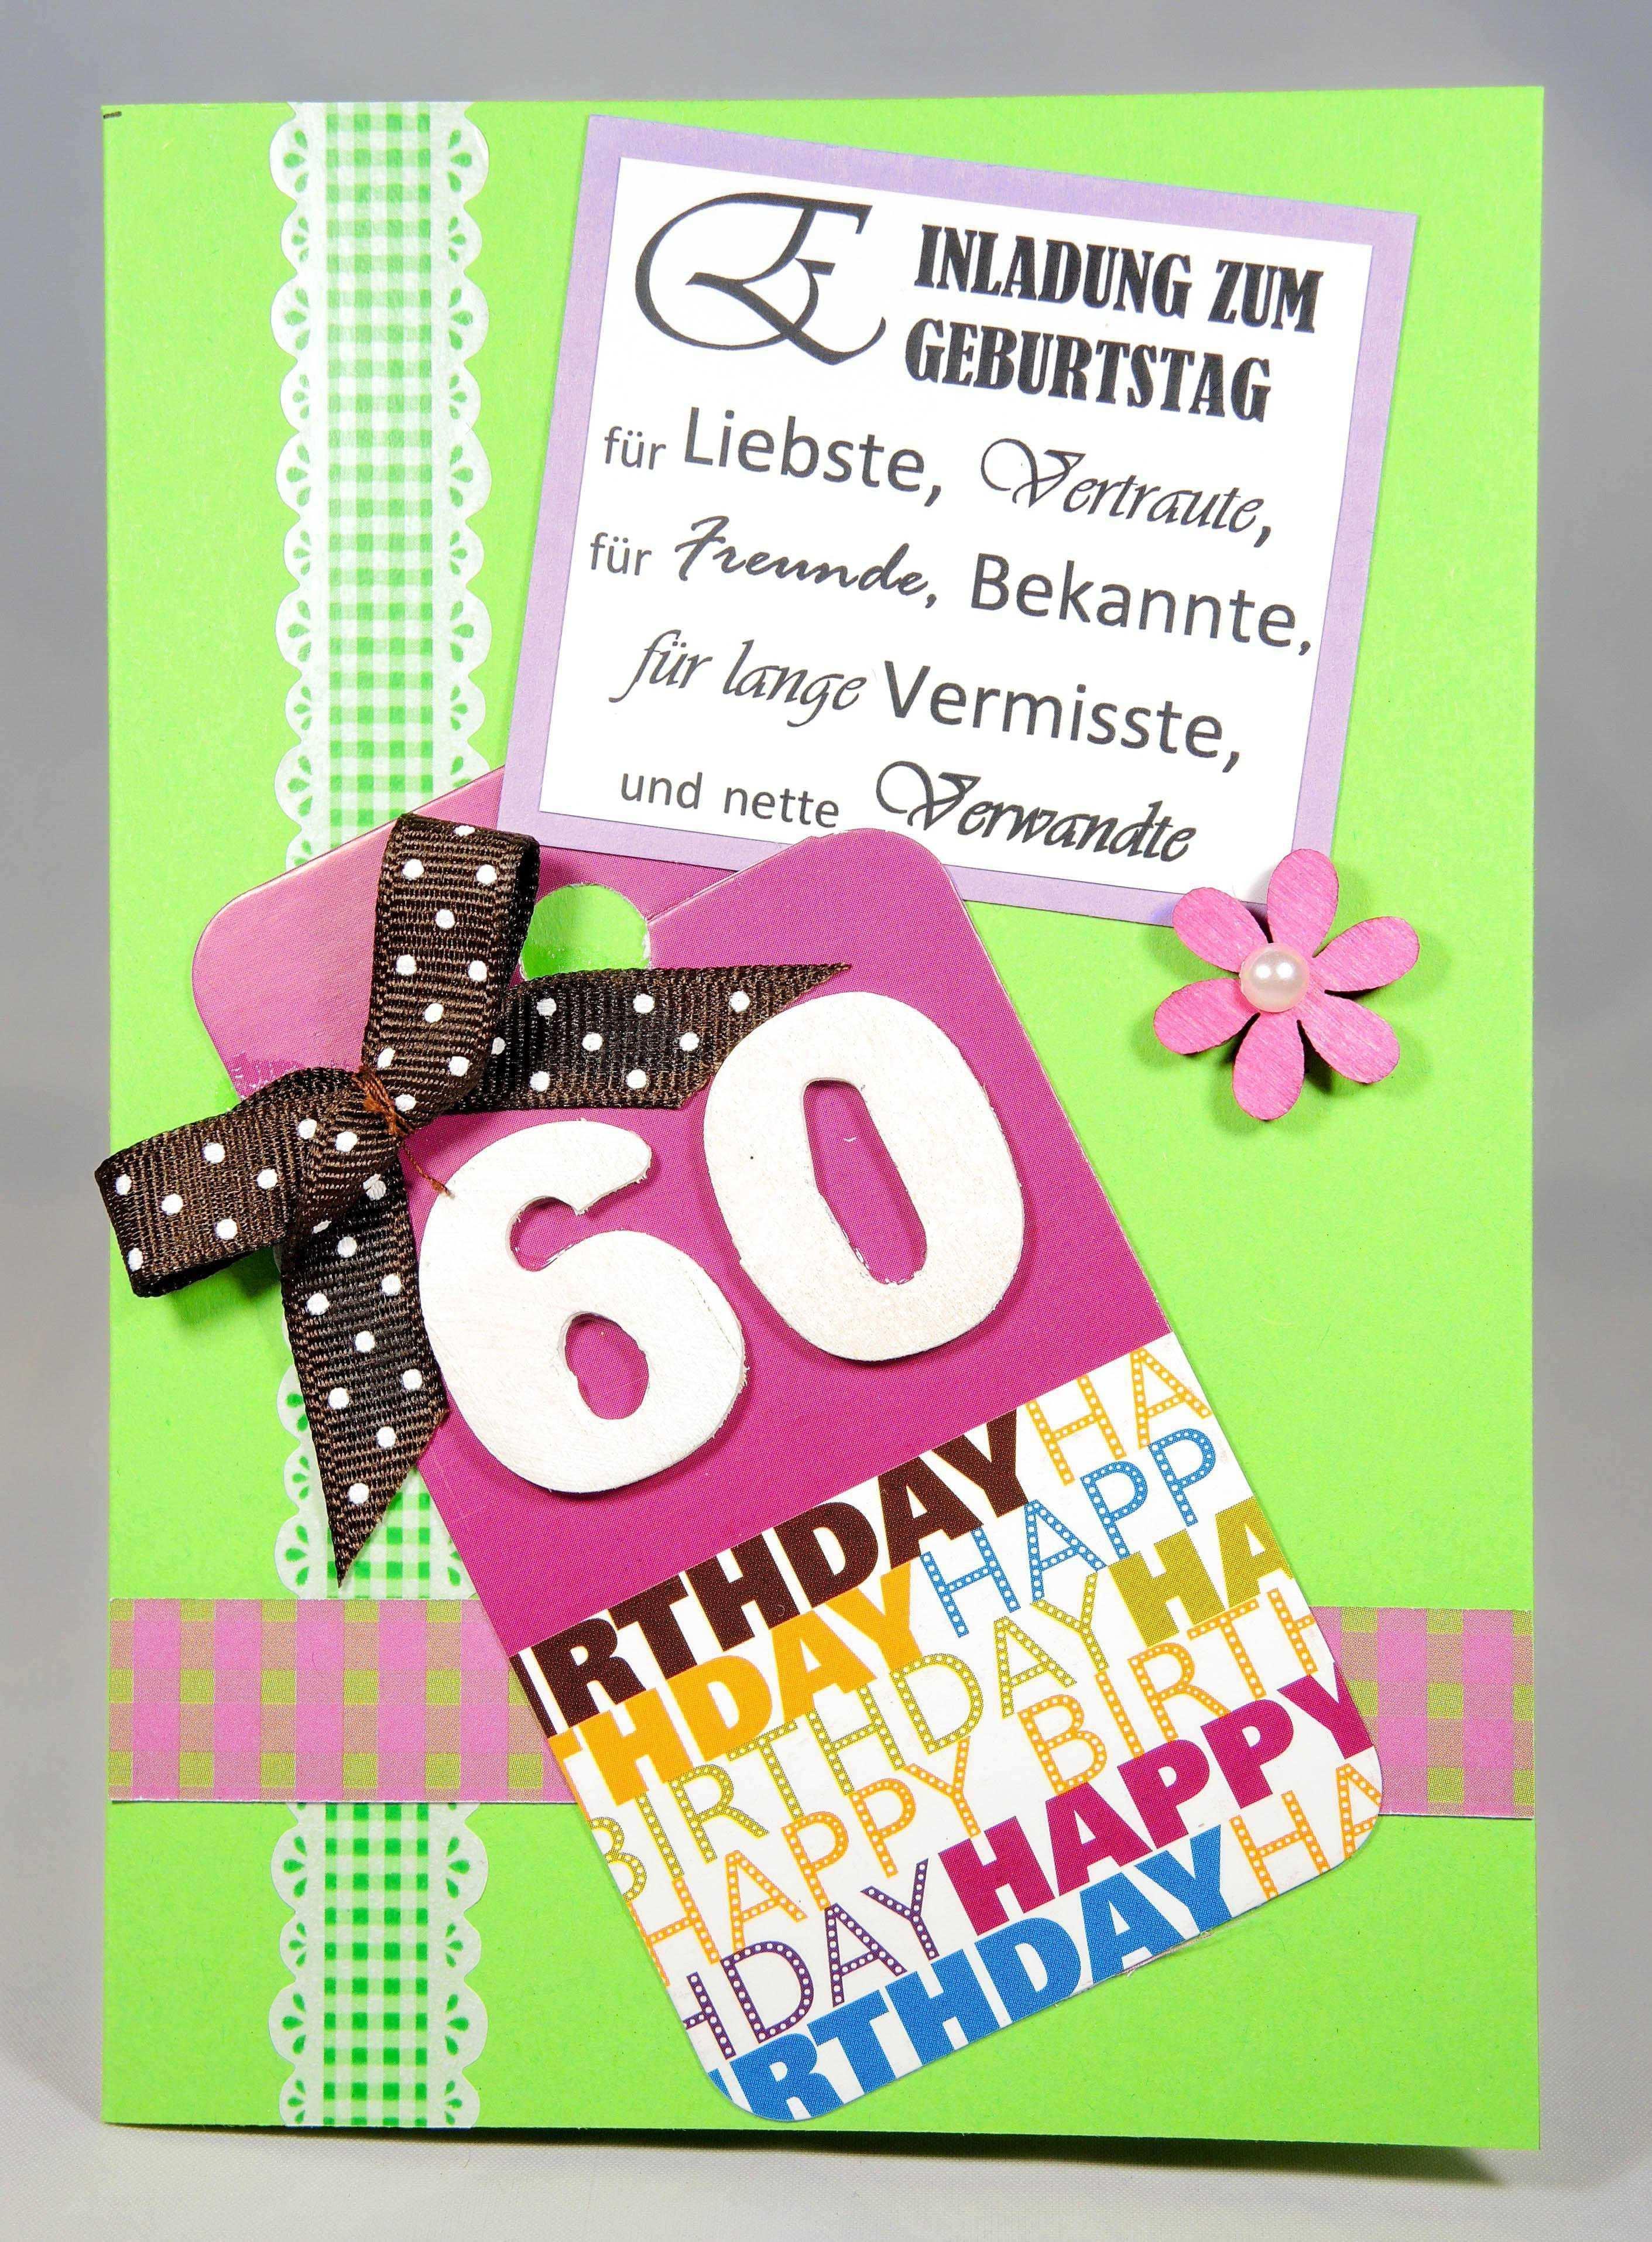 Einladungskarten 60 Geburtstag Vorlagen Kostenlos Einladungskarten 60 Geburtstag Kostenlos Am Besten Zum Geburtstag Einladen